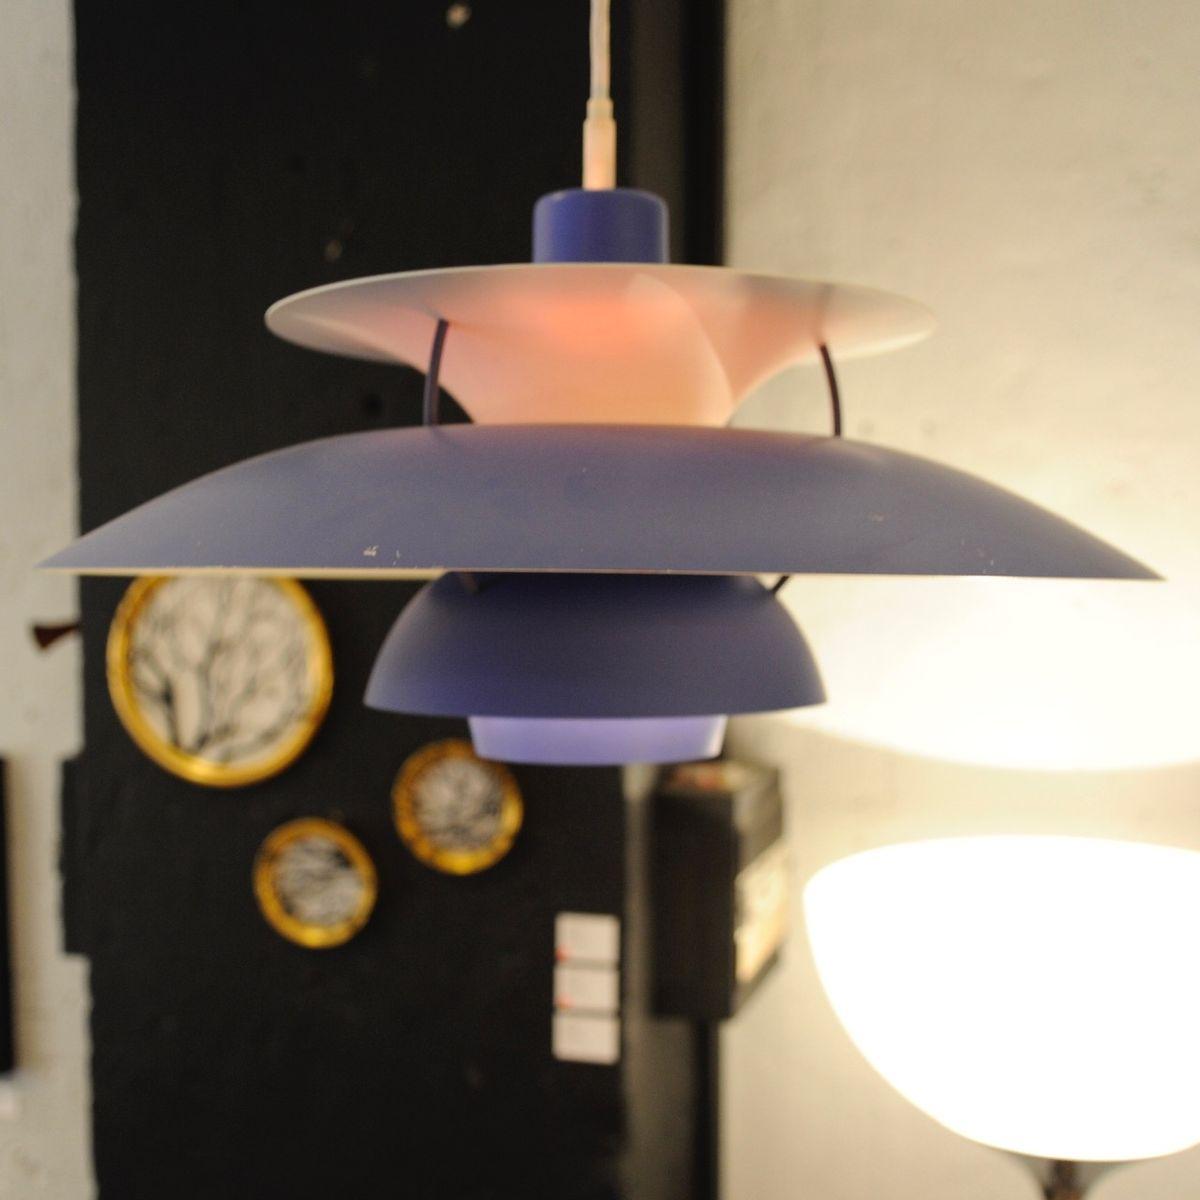 lampe suspension ph5 par poul henningsen pour louis poulsen 1970s en vente sur pamono. Black Bedroom Furniture Sets. Home Design Ideas